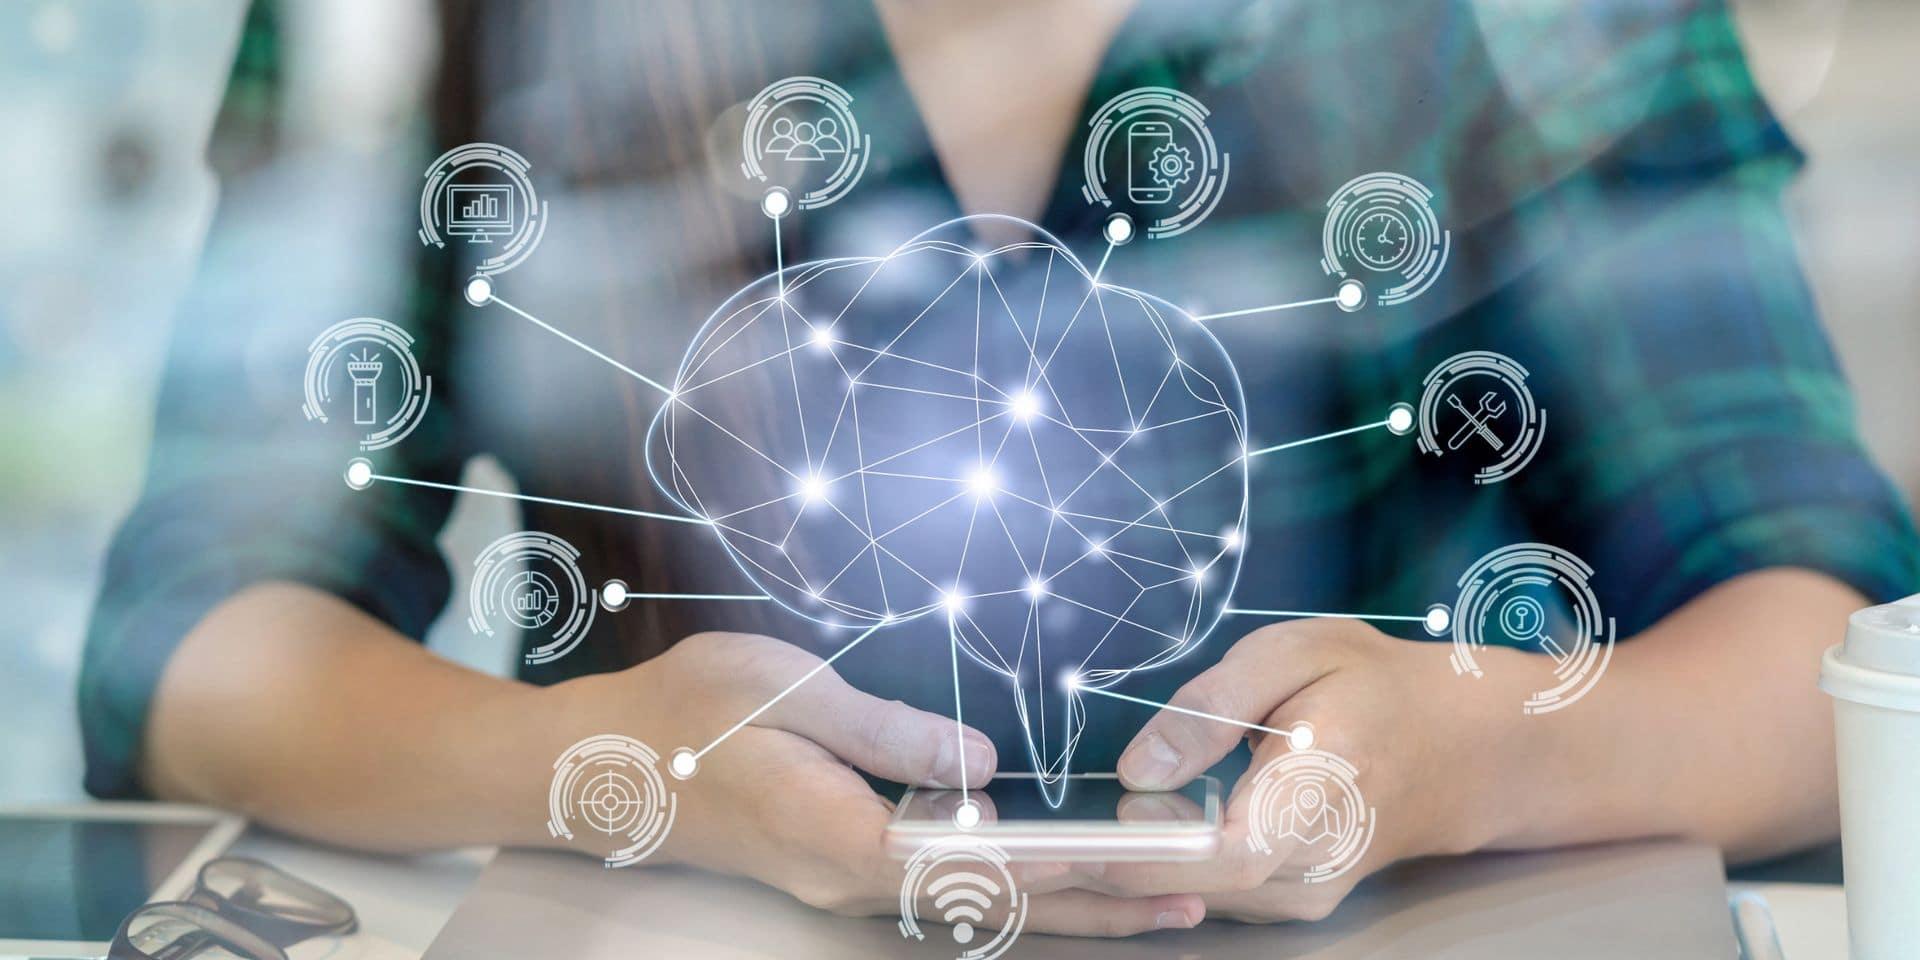 La Belgique va lancer des cours en ligne, gratuits et pour tous, sur l'intelligence artificielle